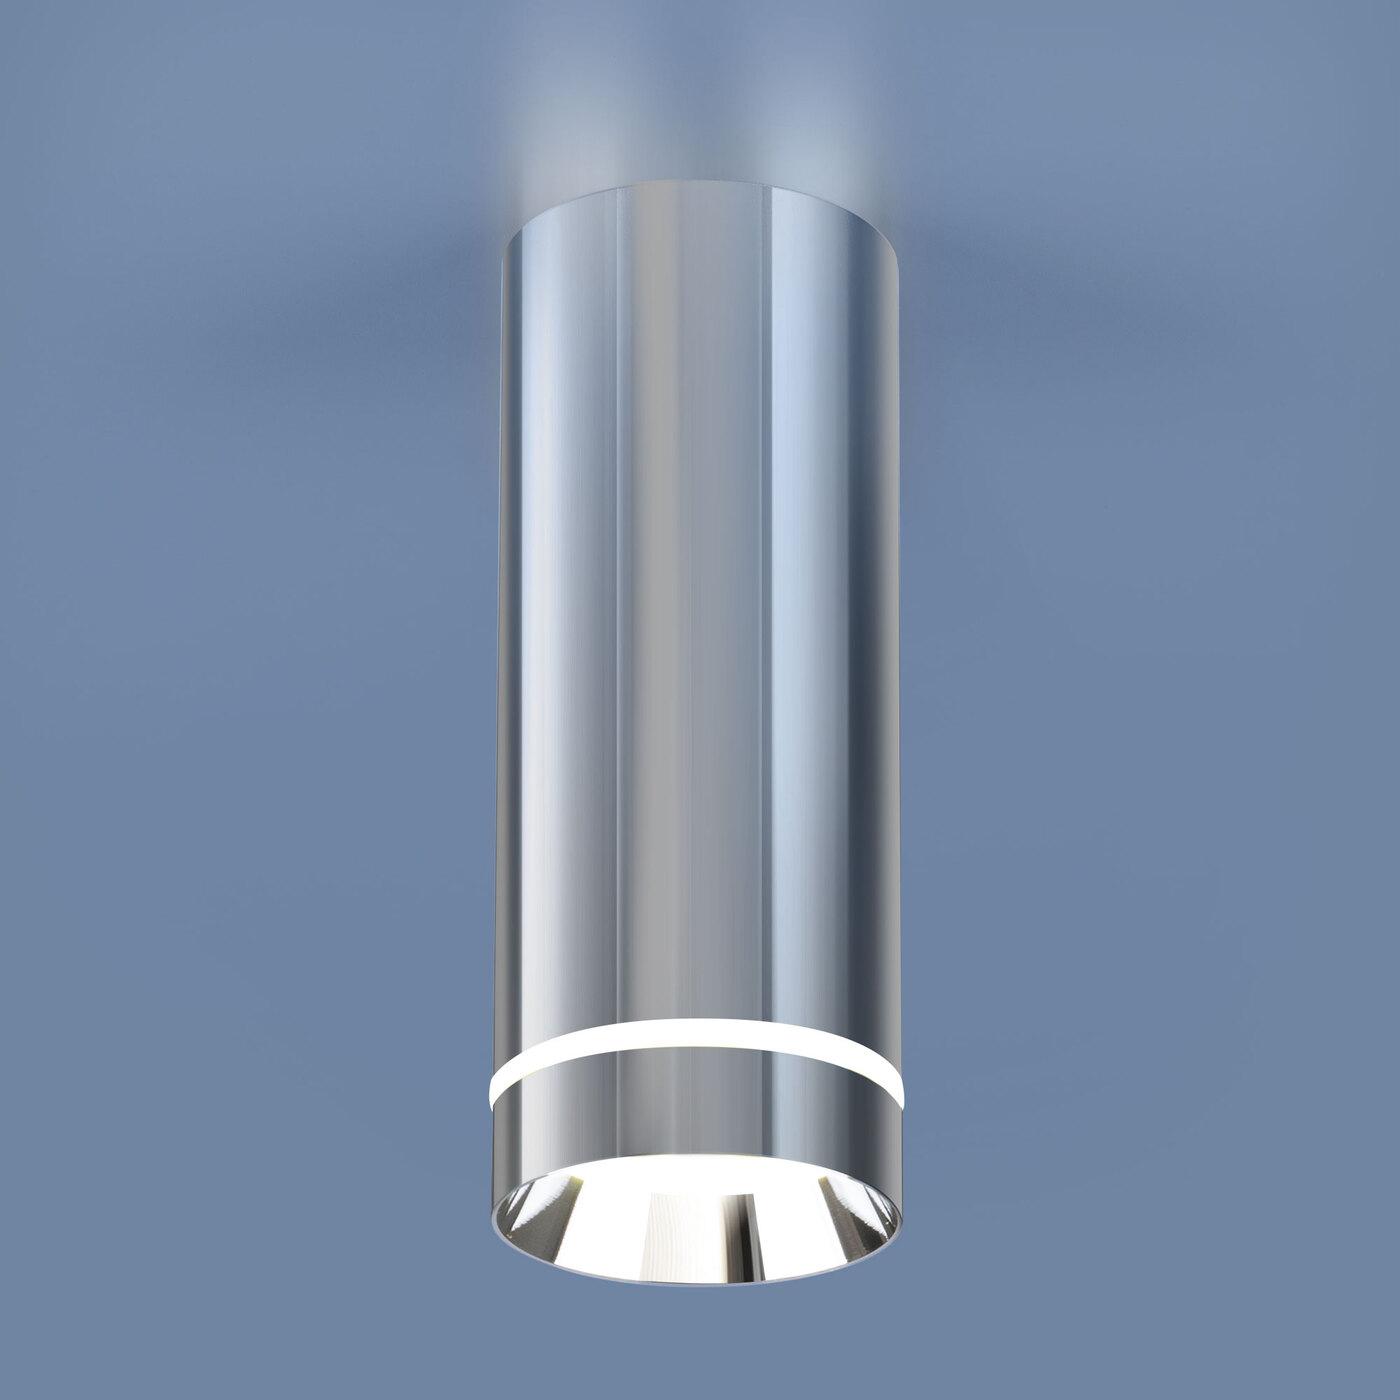 DLR022 12W 4200K / Светильник светодиодный стационарный хром потолочный светильник накладной argenta 4848